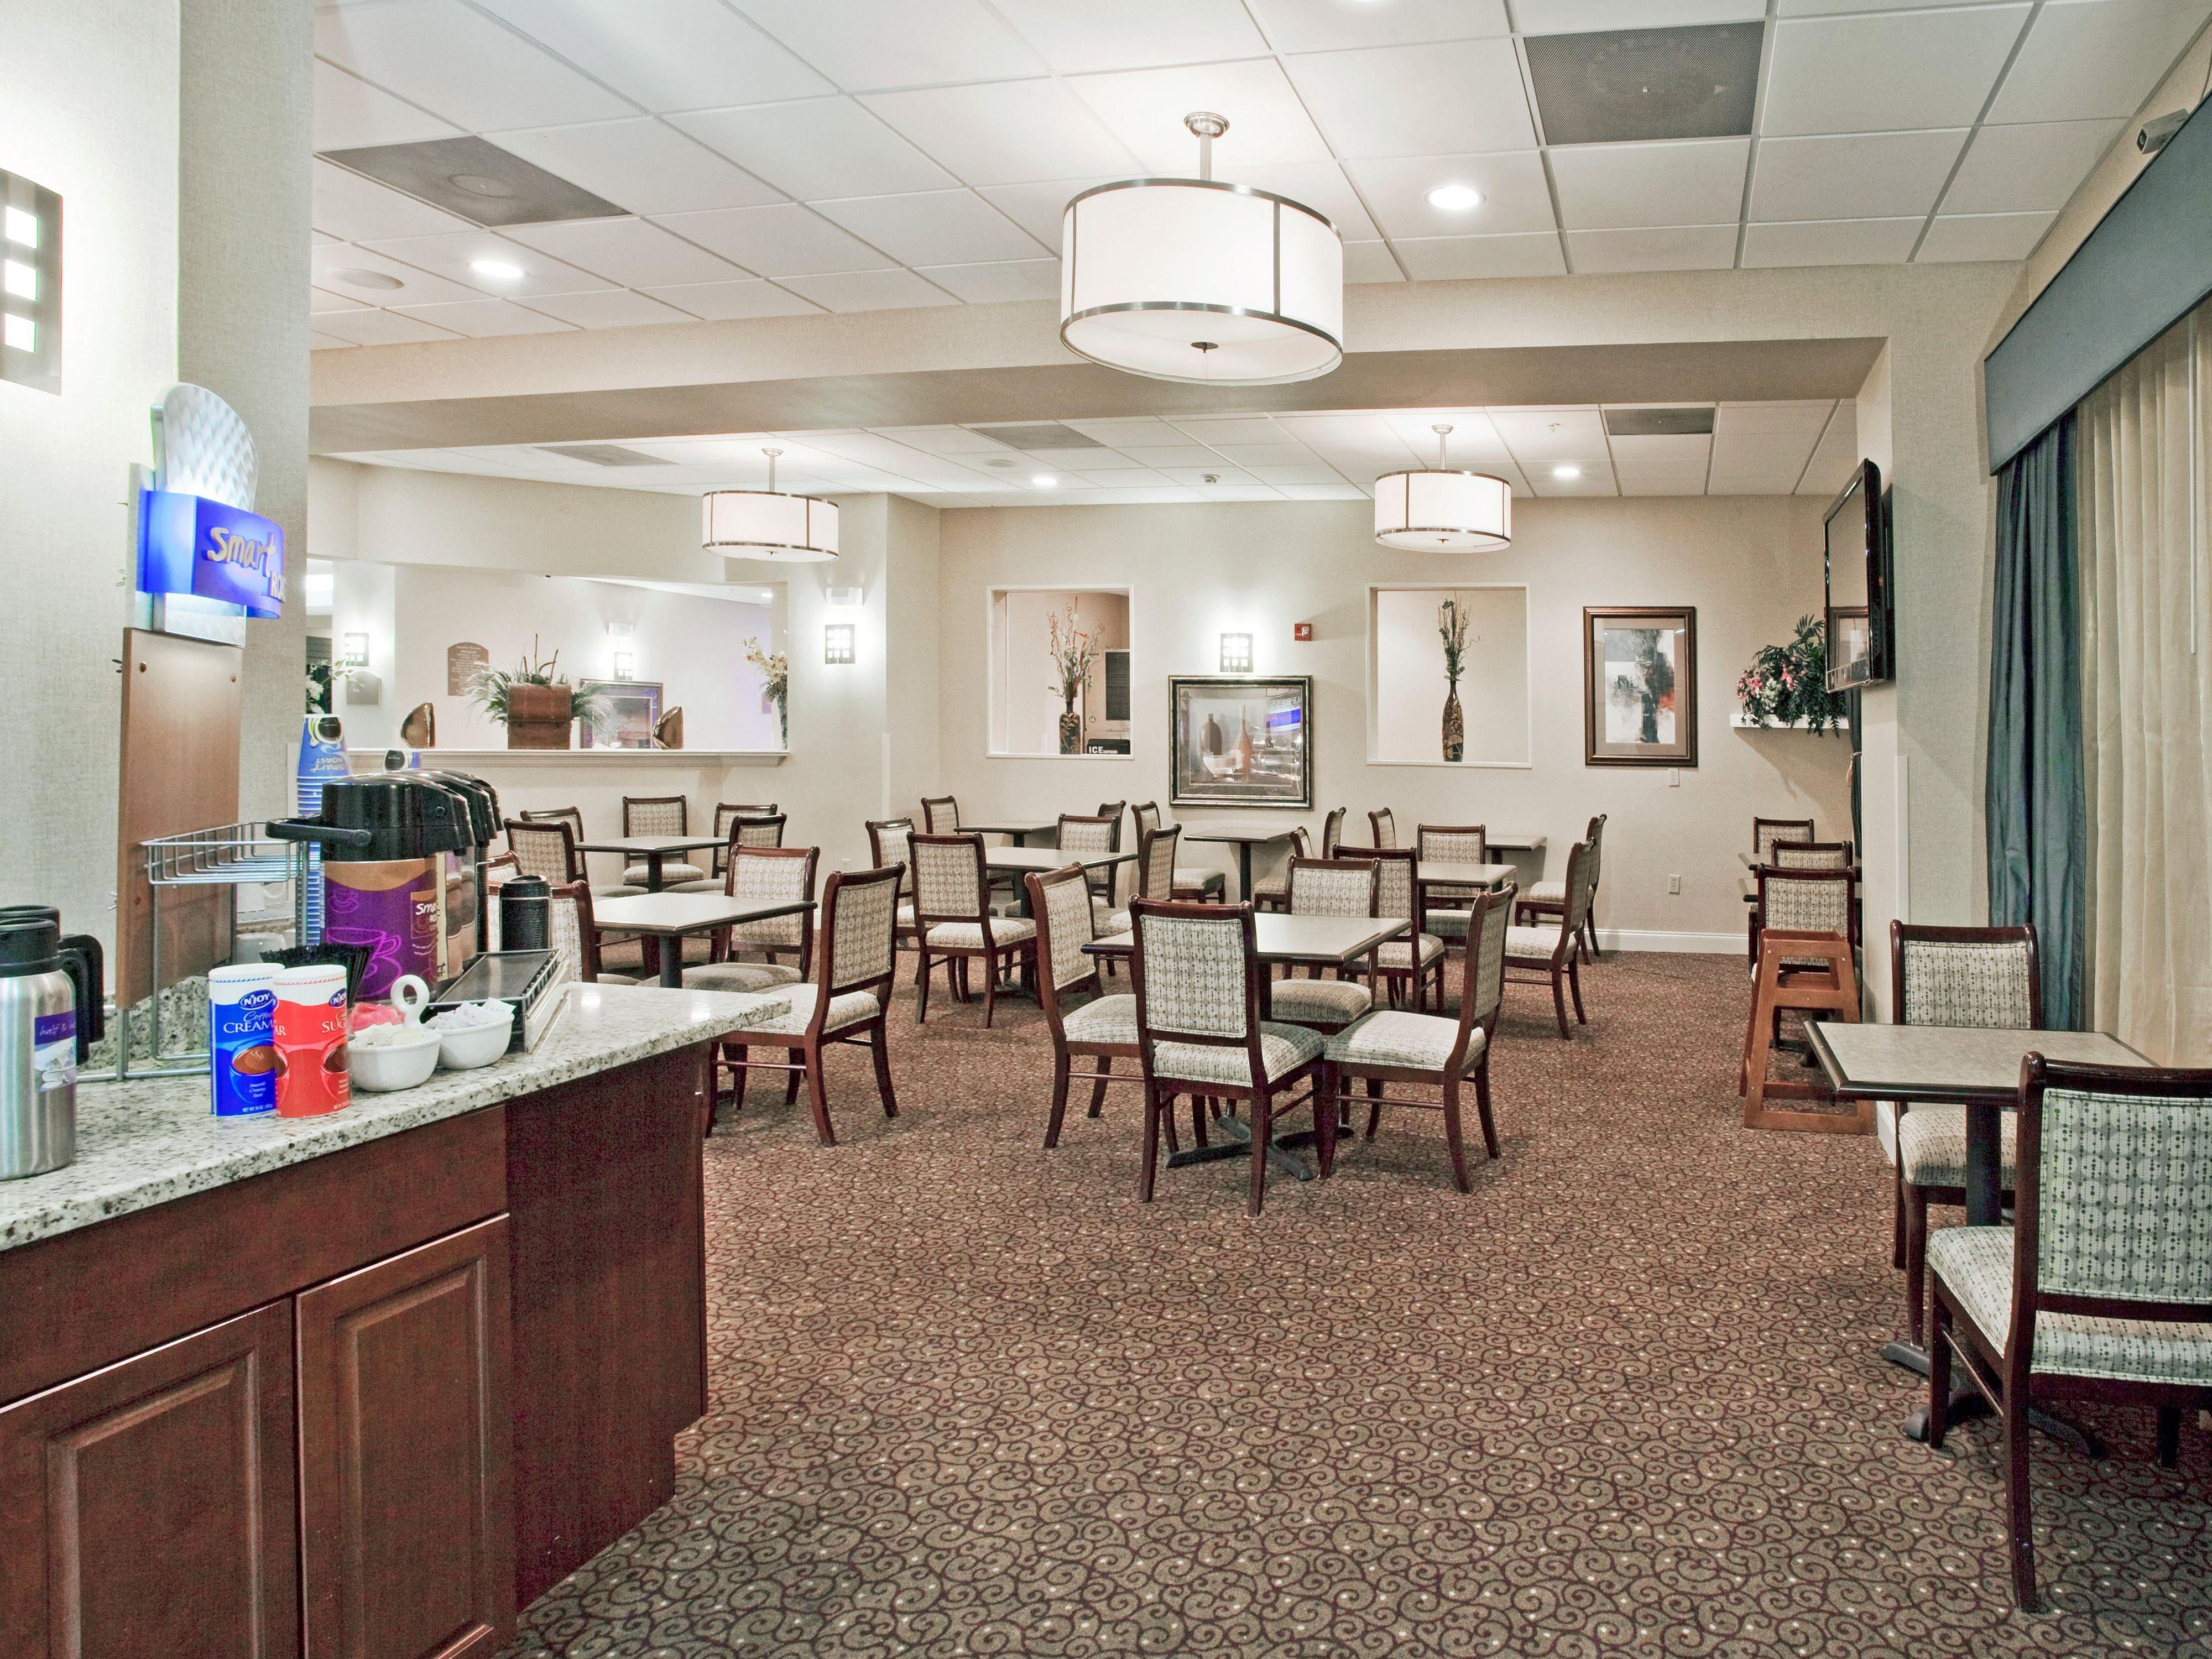 Holiday Inn Express U0026 Suites Clearwater, FL U2013 Twenty Twenty Worldwide  Hospitality, LLC